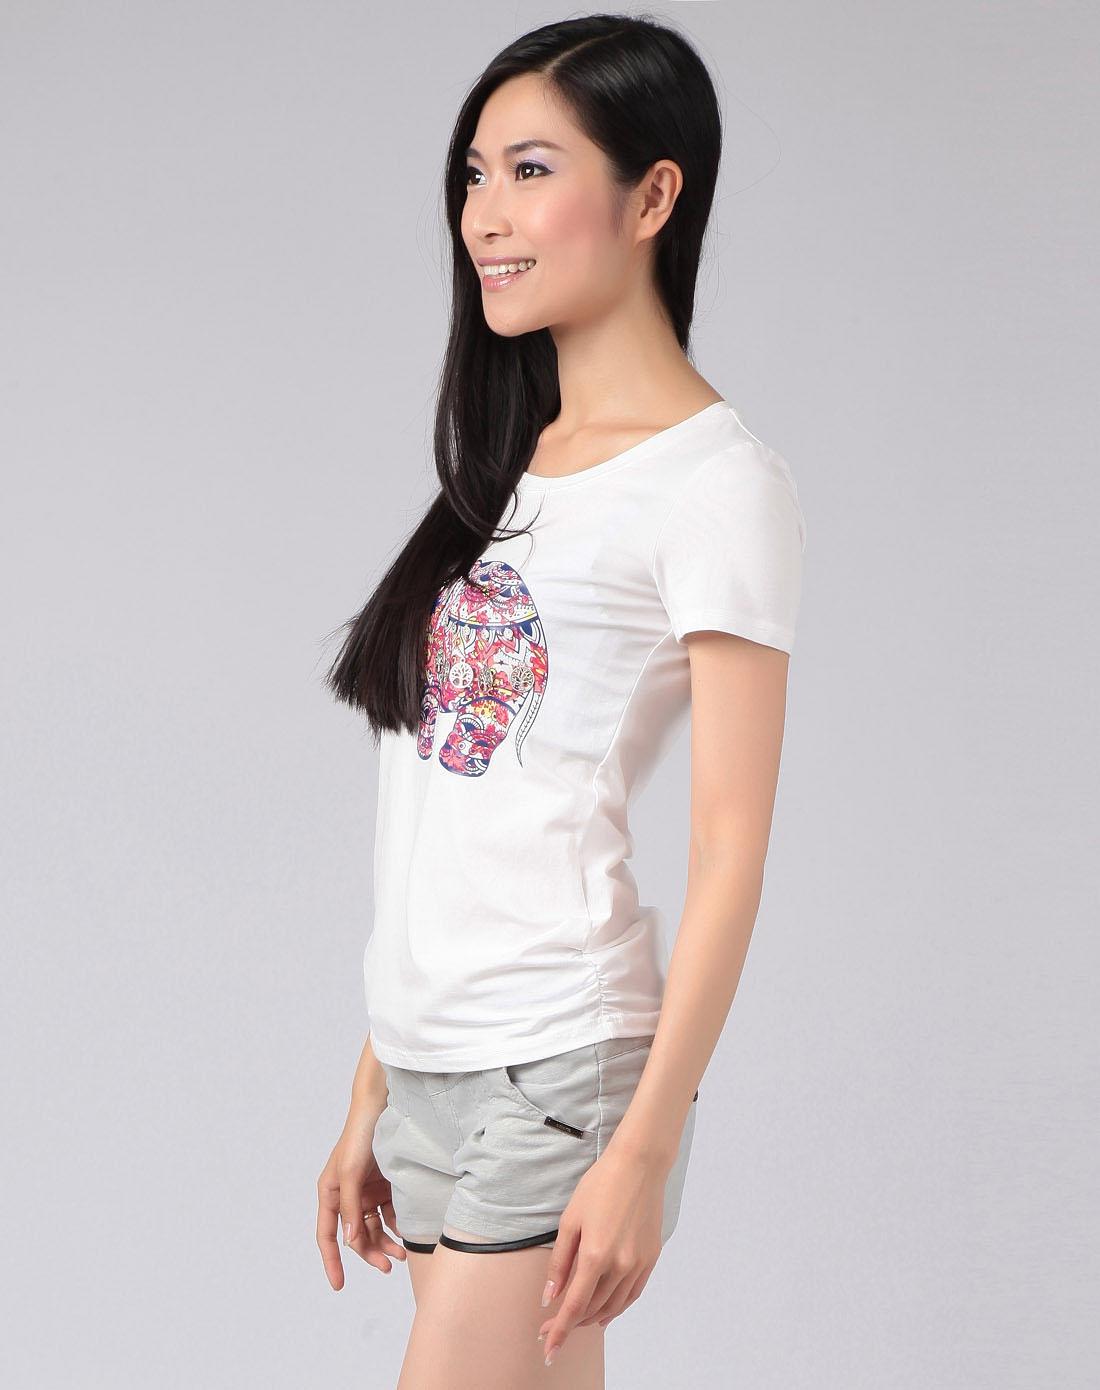 女白底红色小象图案圆领短袖t恤